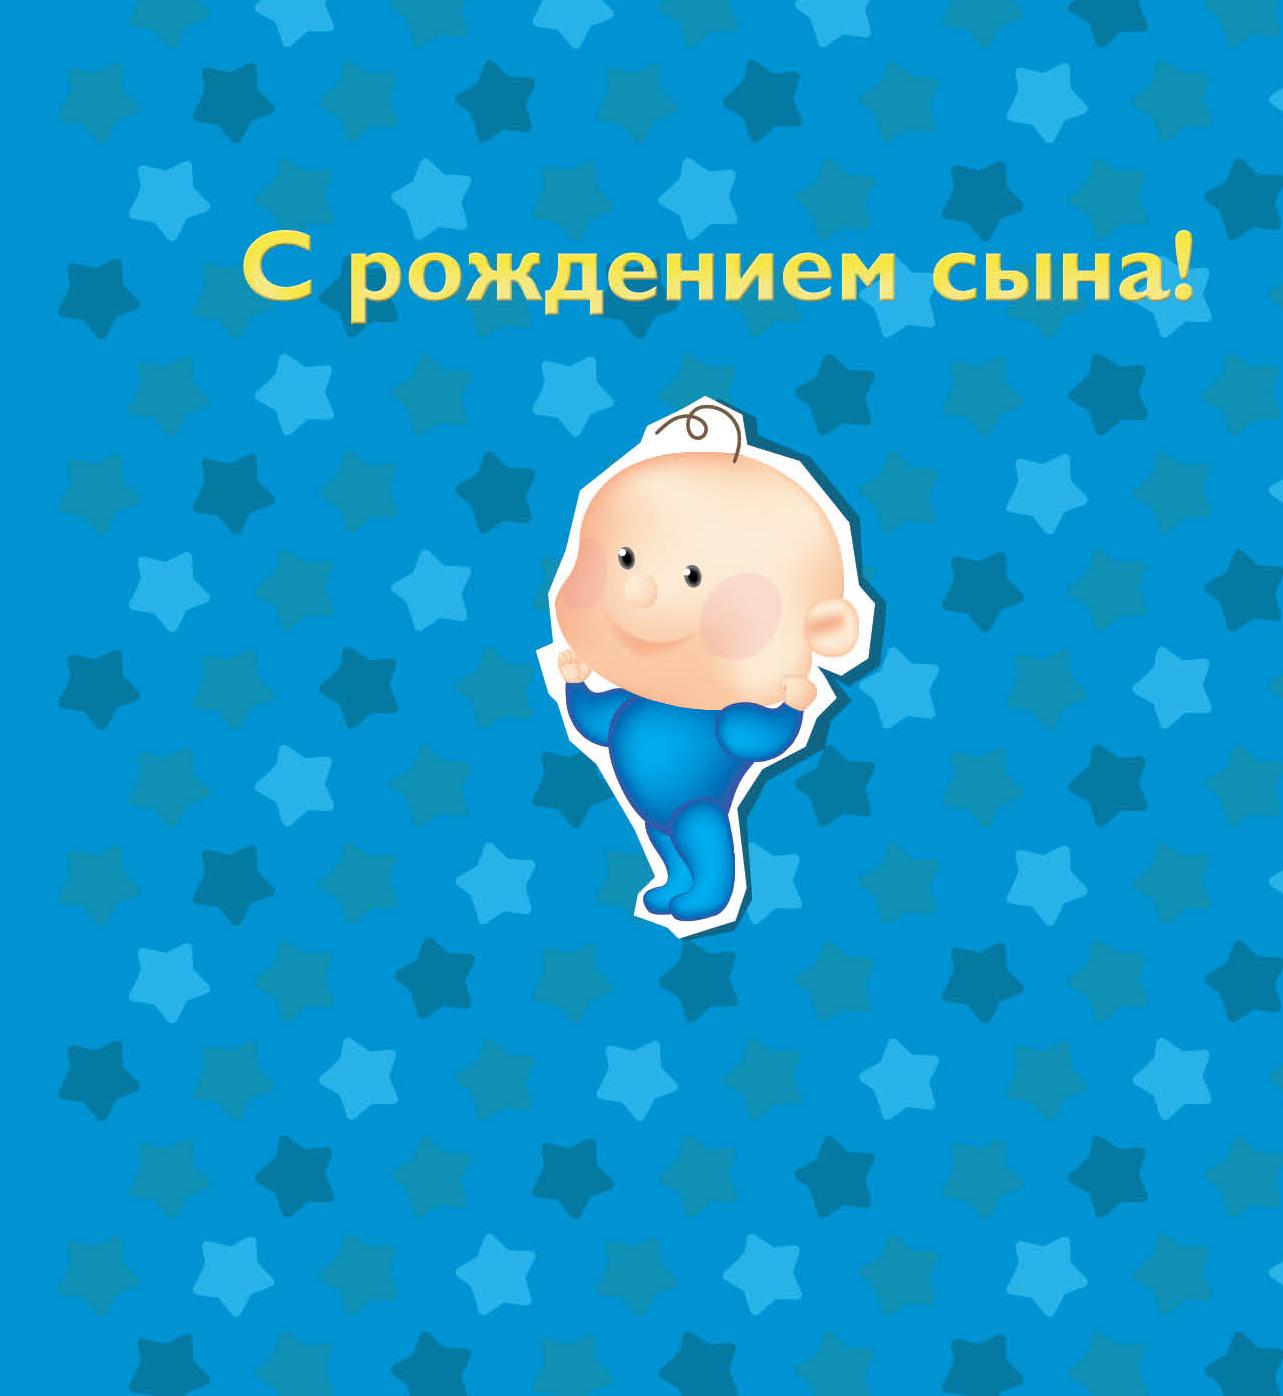 Поздравление для матери с рождением сына